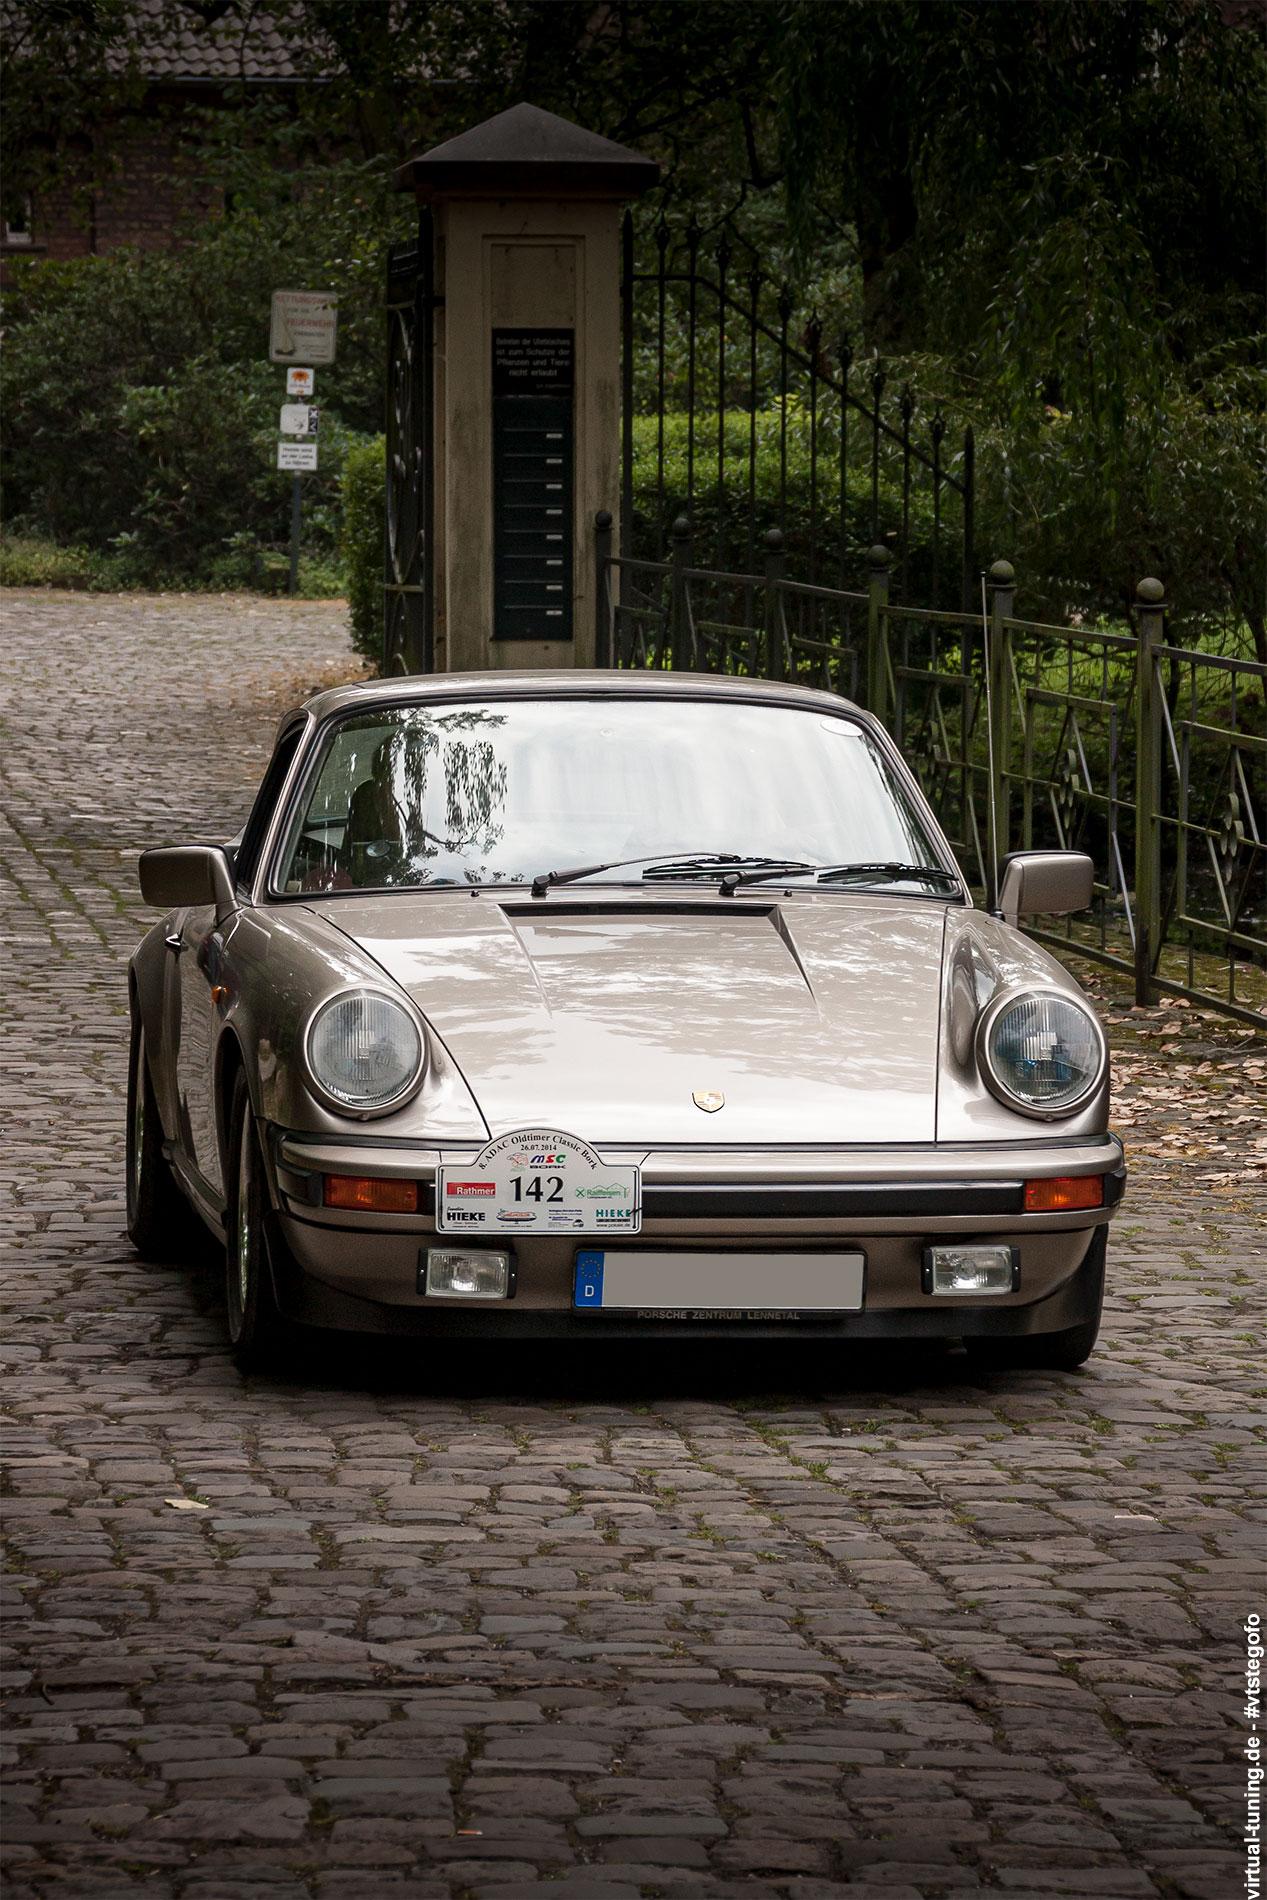 Porsche 911 - ADAC Classic Bork (7.2014)